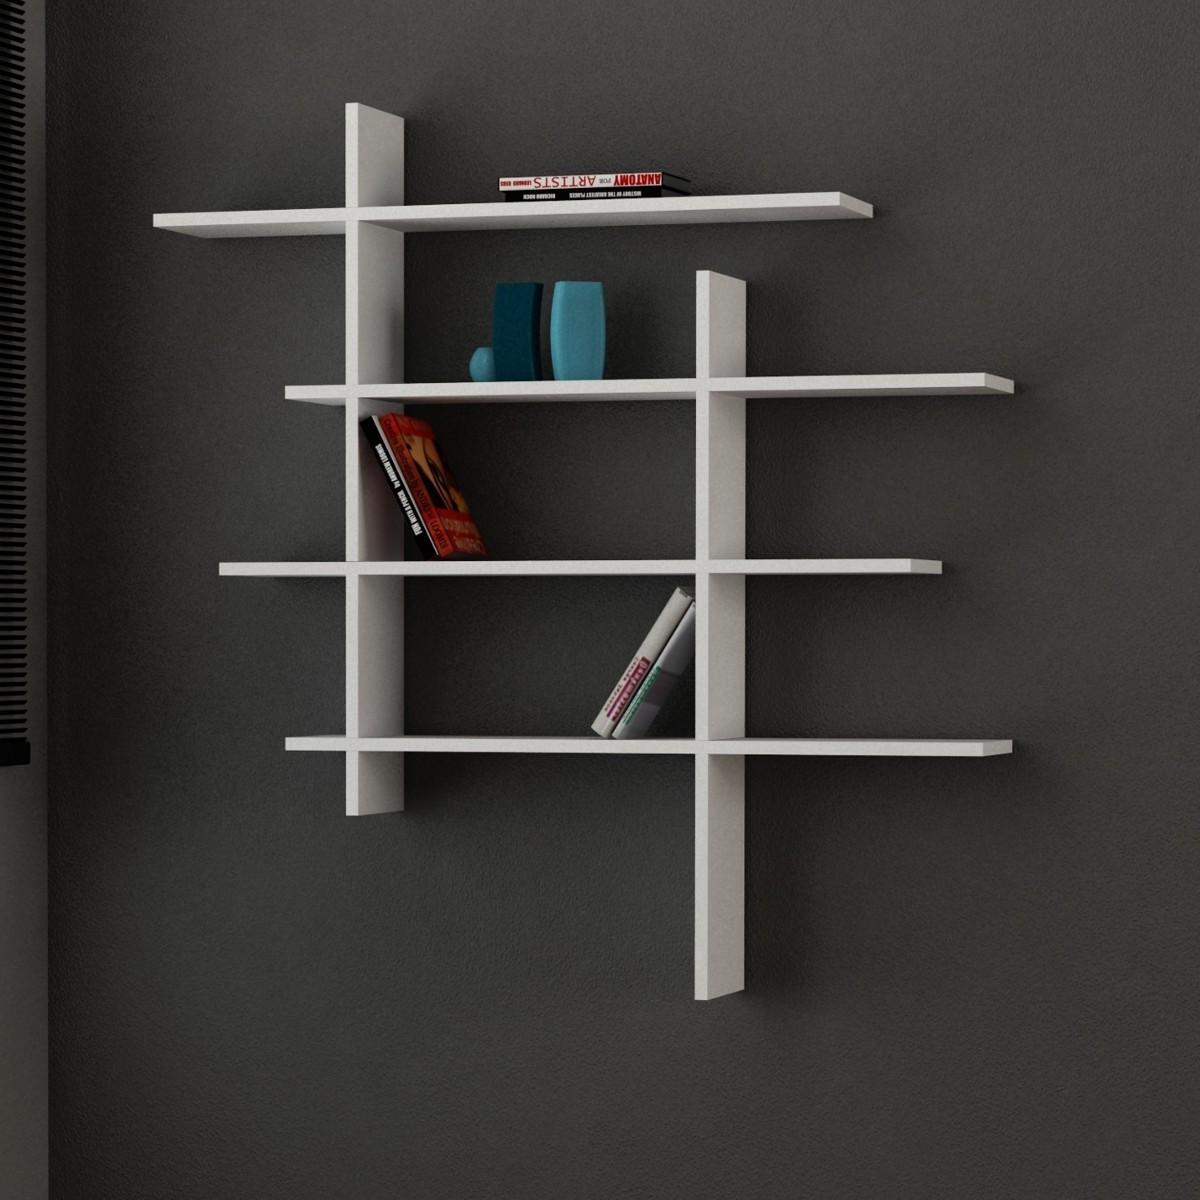 Standup mensola libreria moderna a muro in legno 115 x 115 cm for Mensole economiche